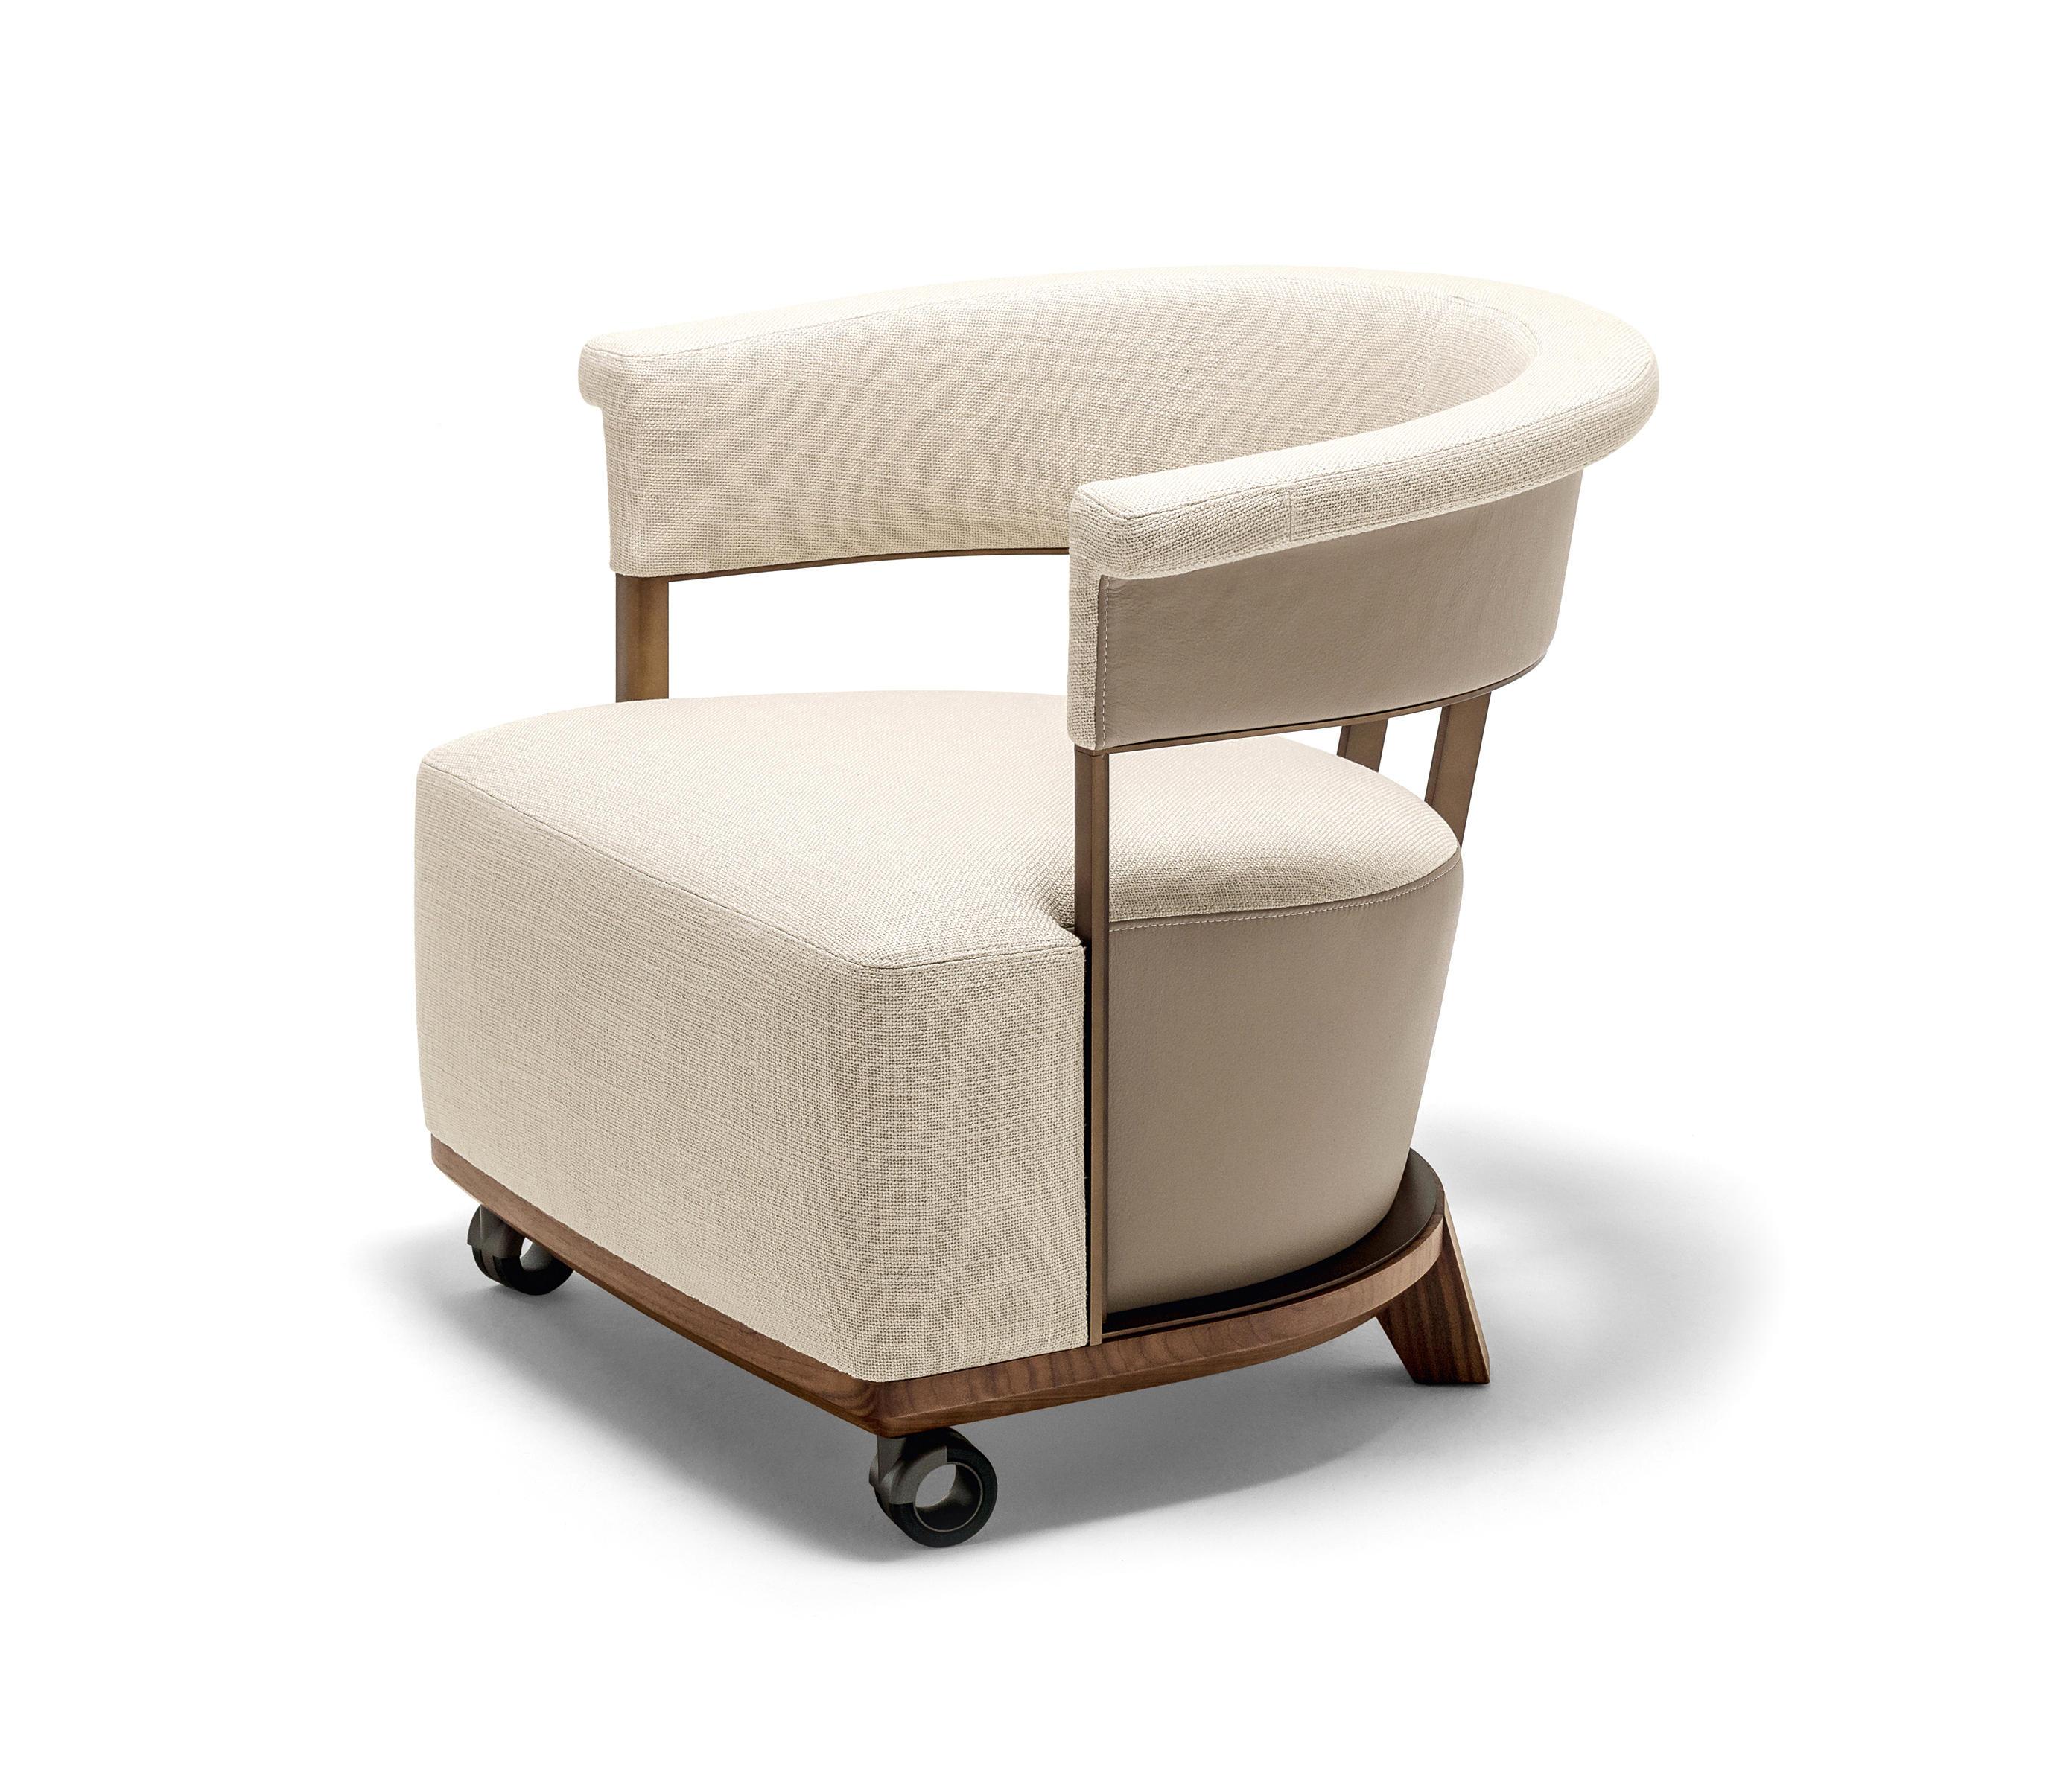 Lady poltrona poltrone lounge giorgetti architonic for Giorgetti poltrone